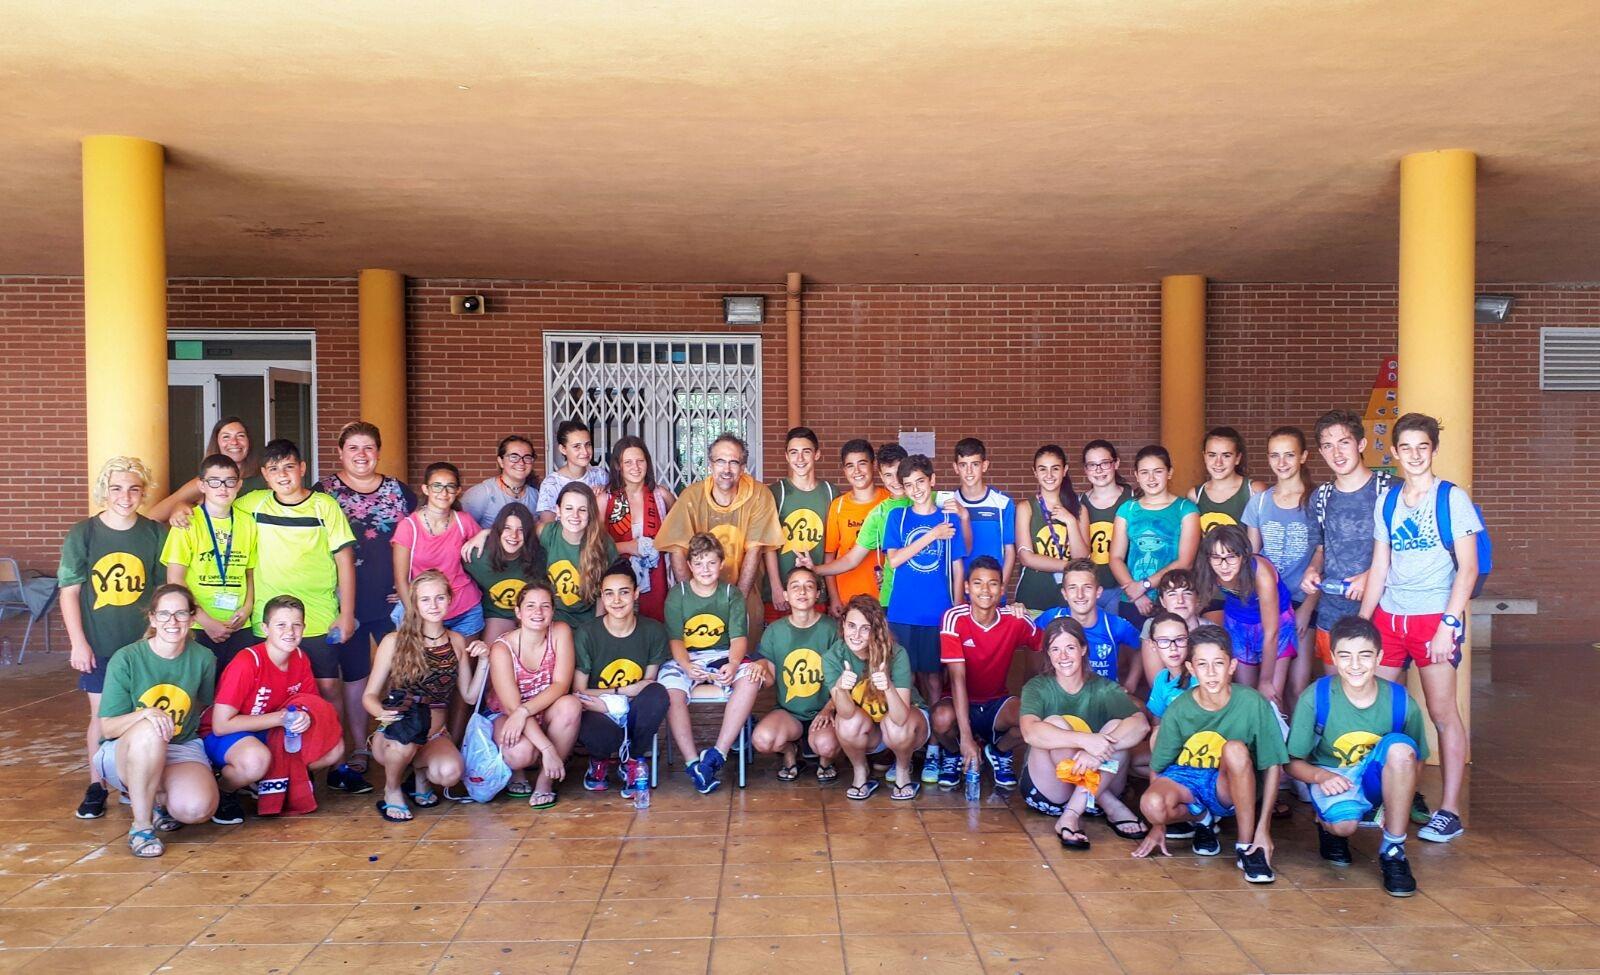 El Campus se ha realizado en el Instituto de Enseñanza Secundaria La Serranía, utilizando tanto los patios como distintas salas interiores para el desarrollo de las actividades planificadas.